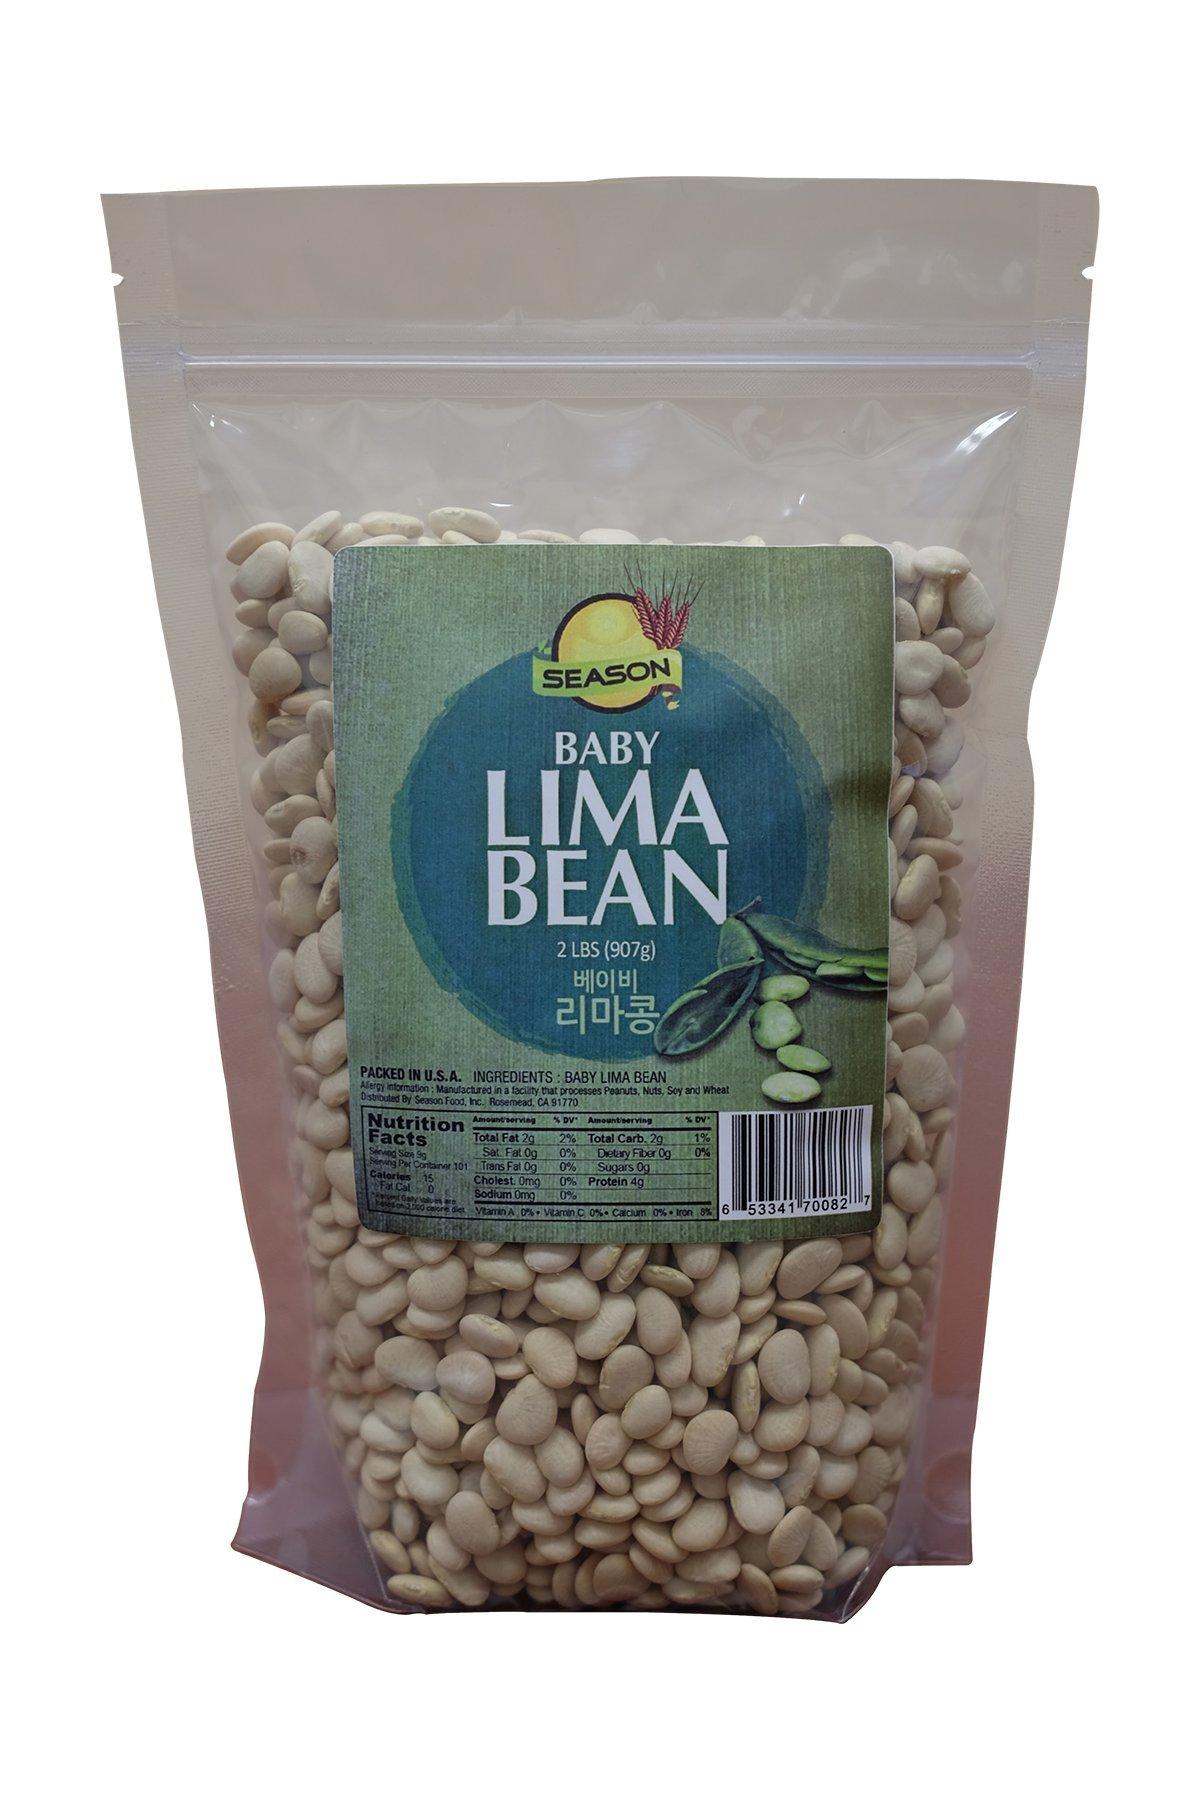 Season Baby Lima Bean, 2-Pound